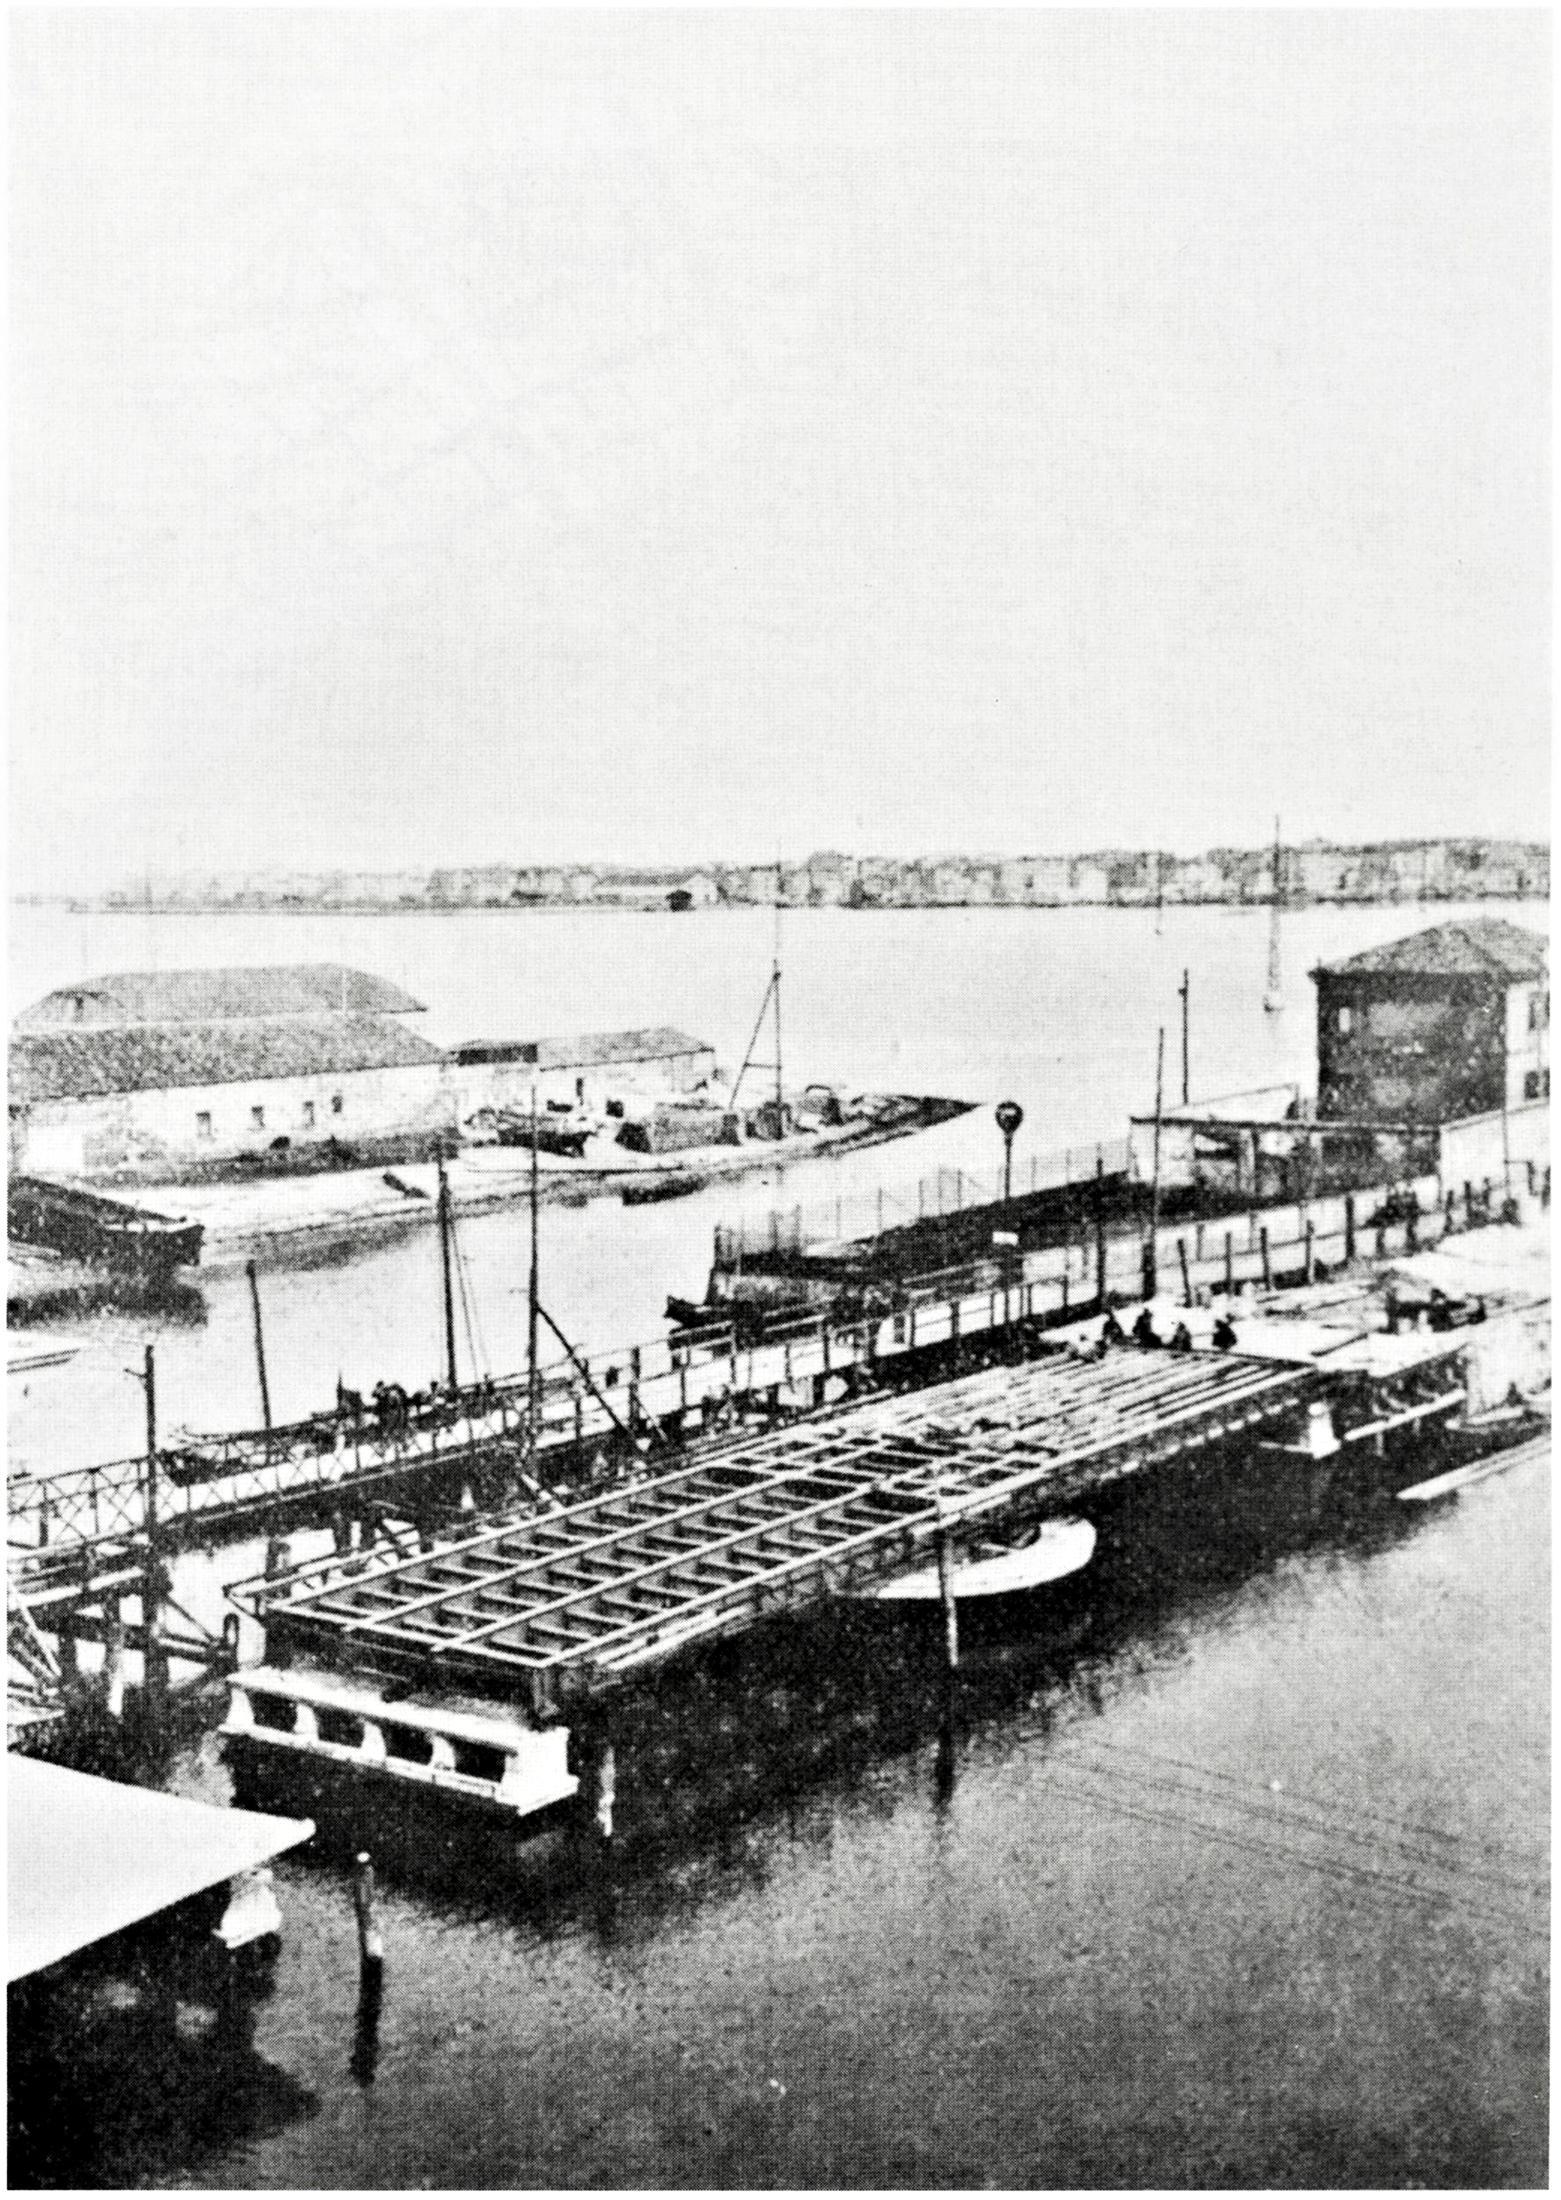 Posa del ponte girevole fra Chioggia e Sottomarina realizzato dalle Officine Galileo, Stabilimento di Battaglia Terme.